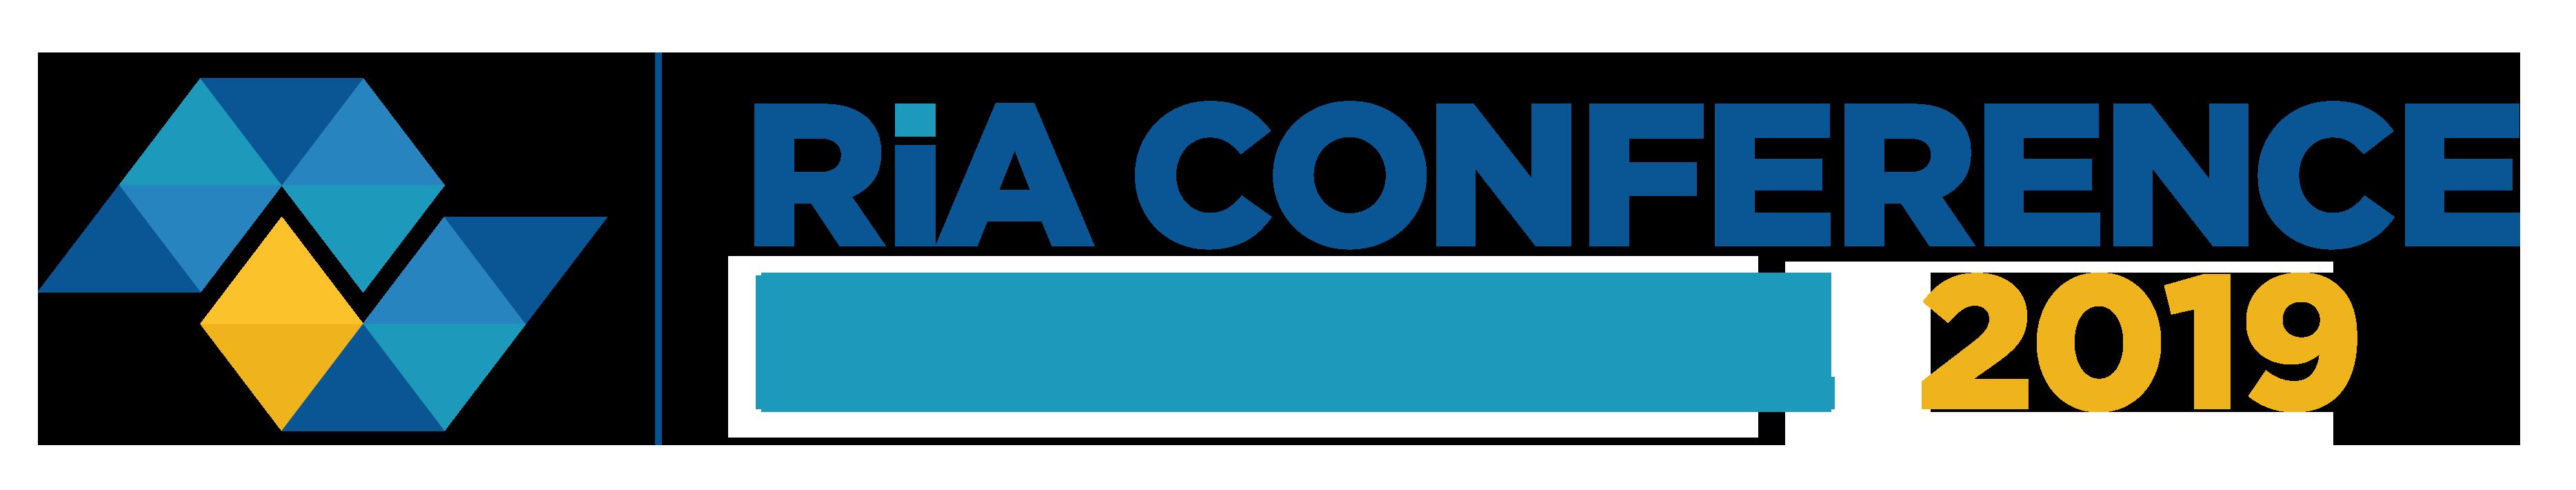 RIA Conference 2019